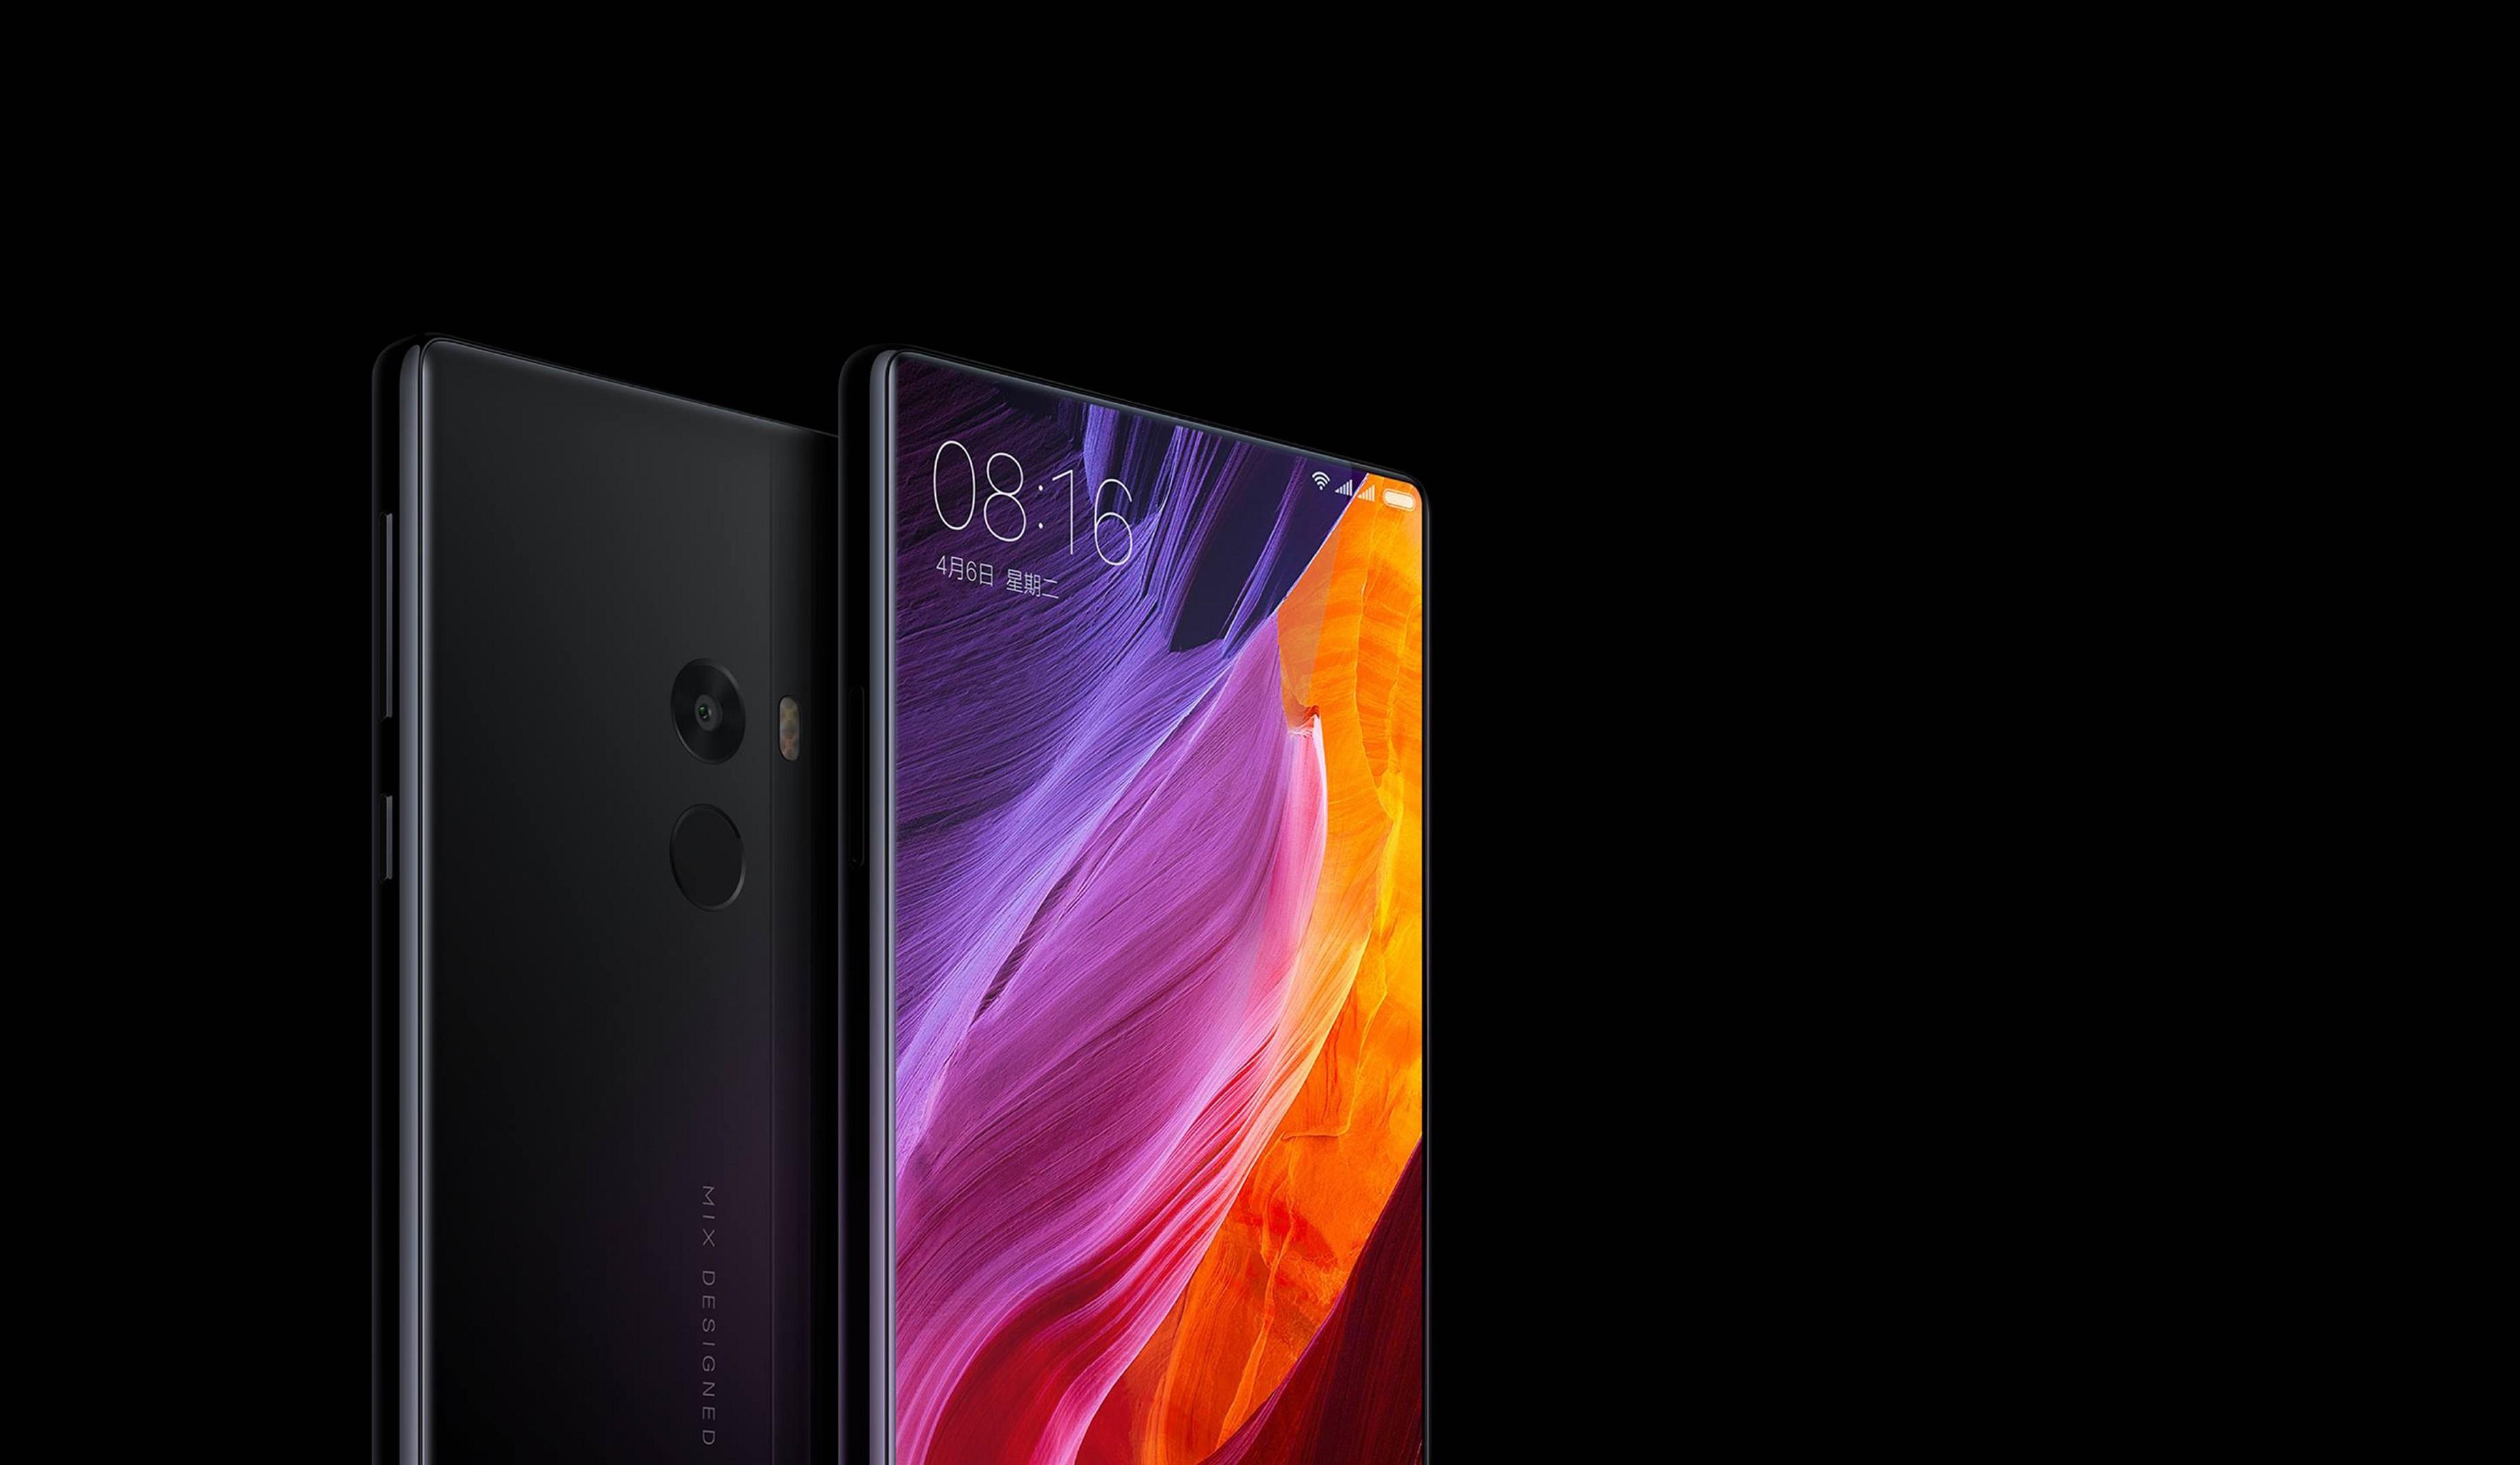 wallpaper xiaomi mi mix review best smartphones hi tech